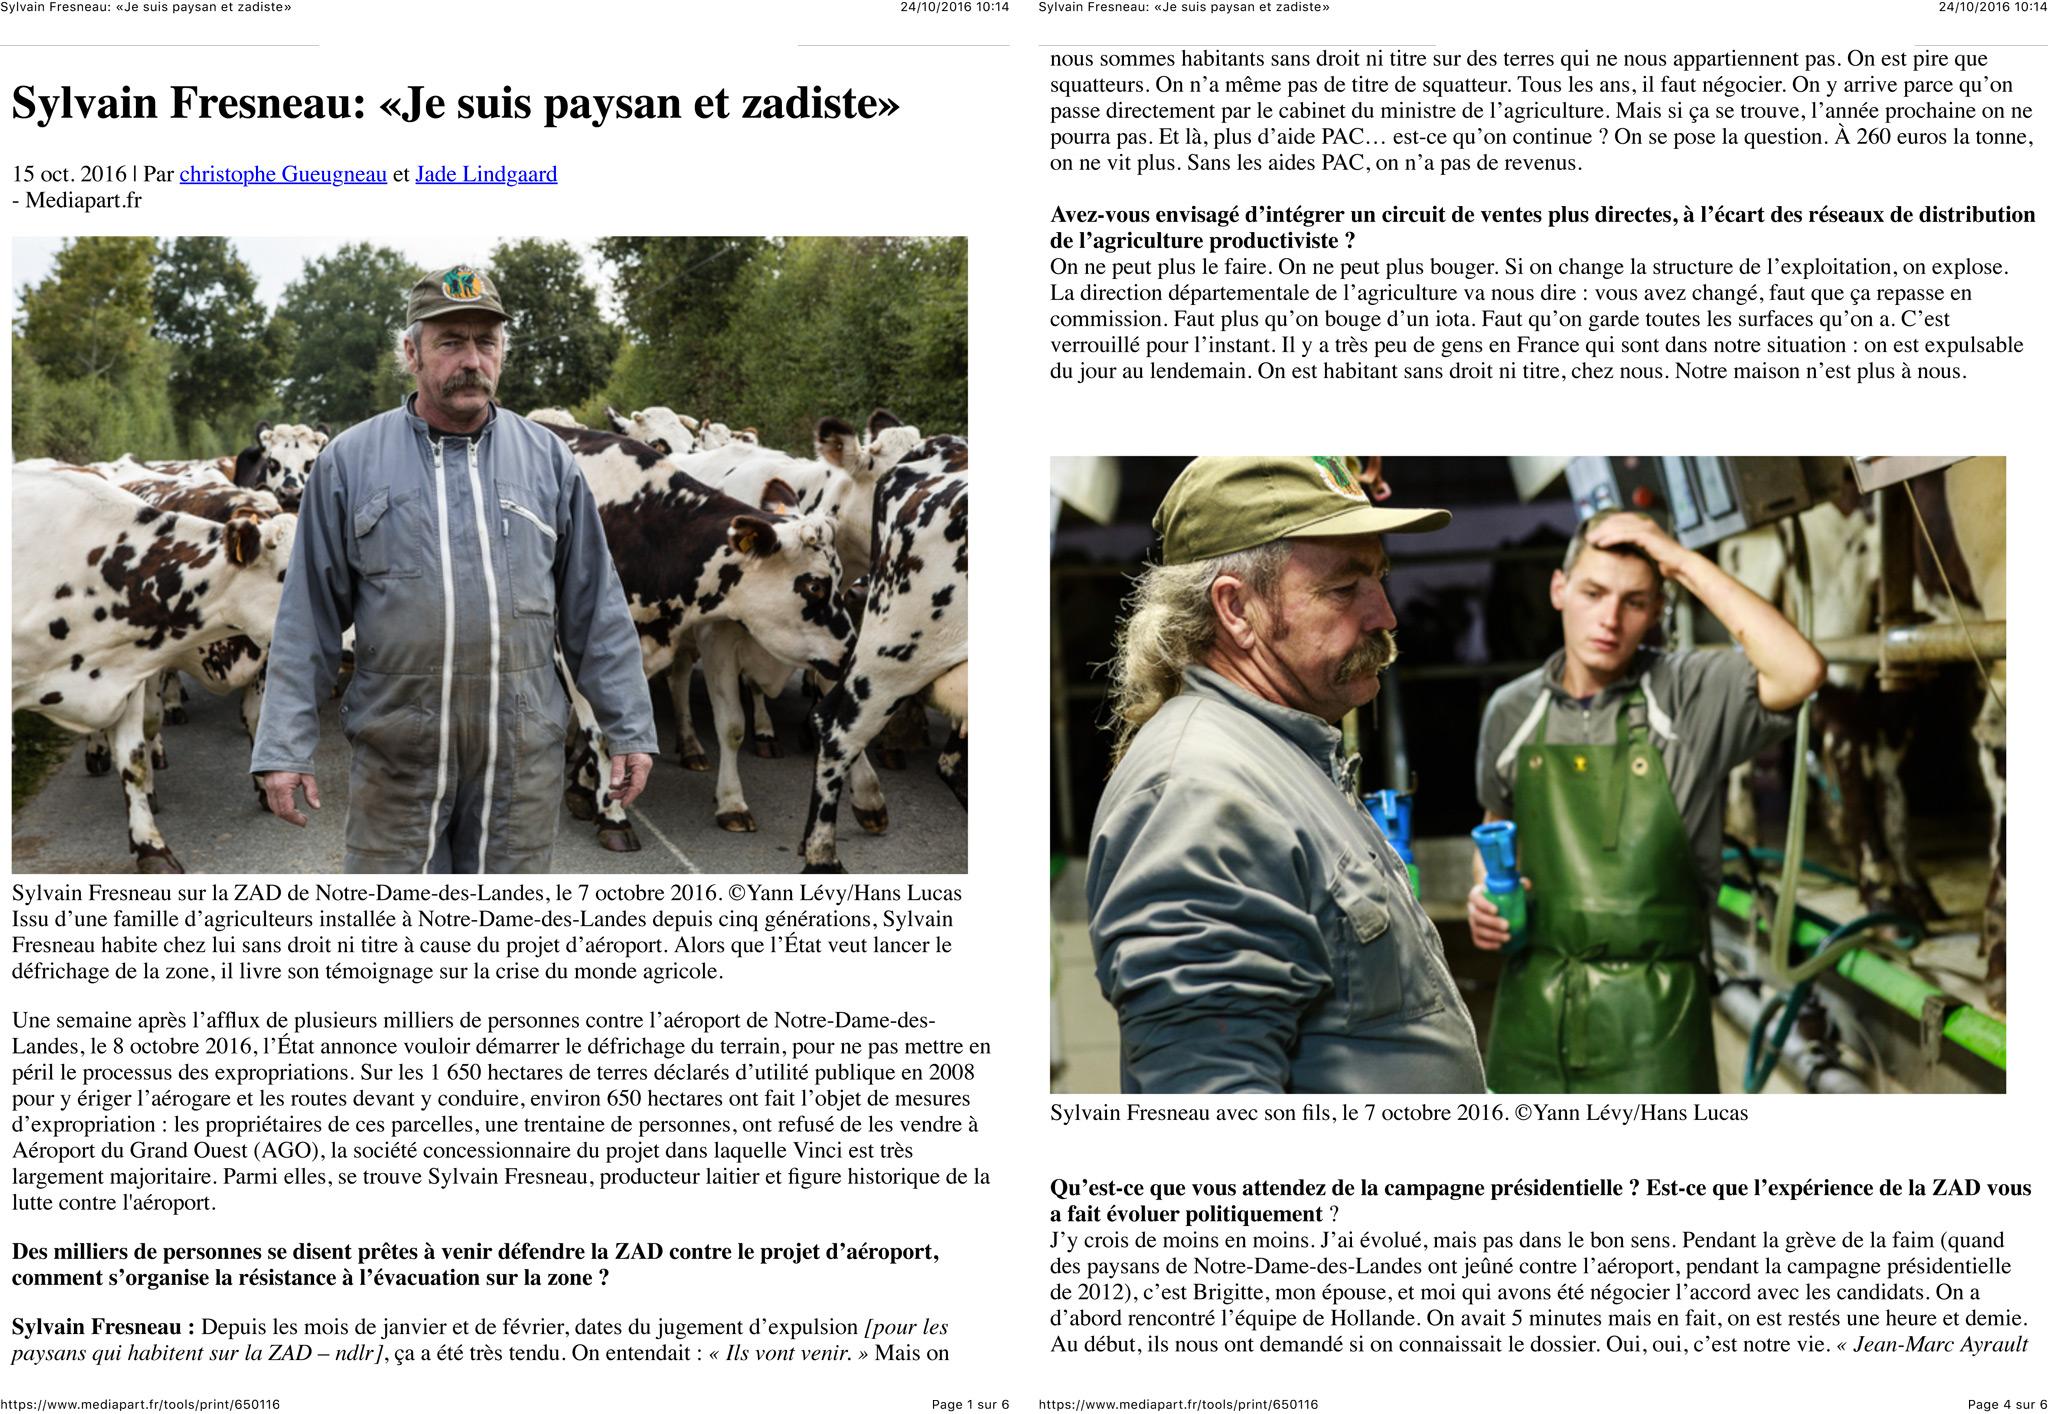 Sylvain Fresneau: «Je suis paysan et zadiste»